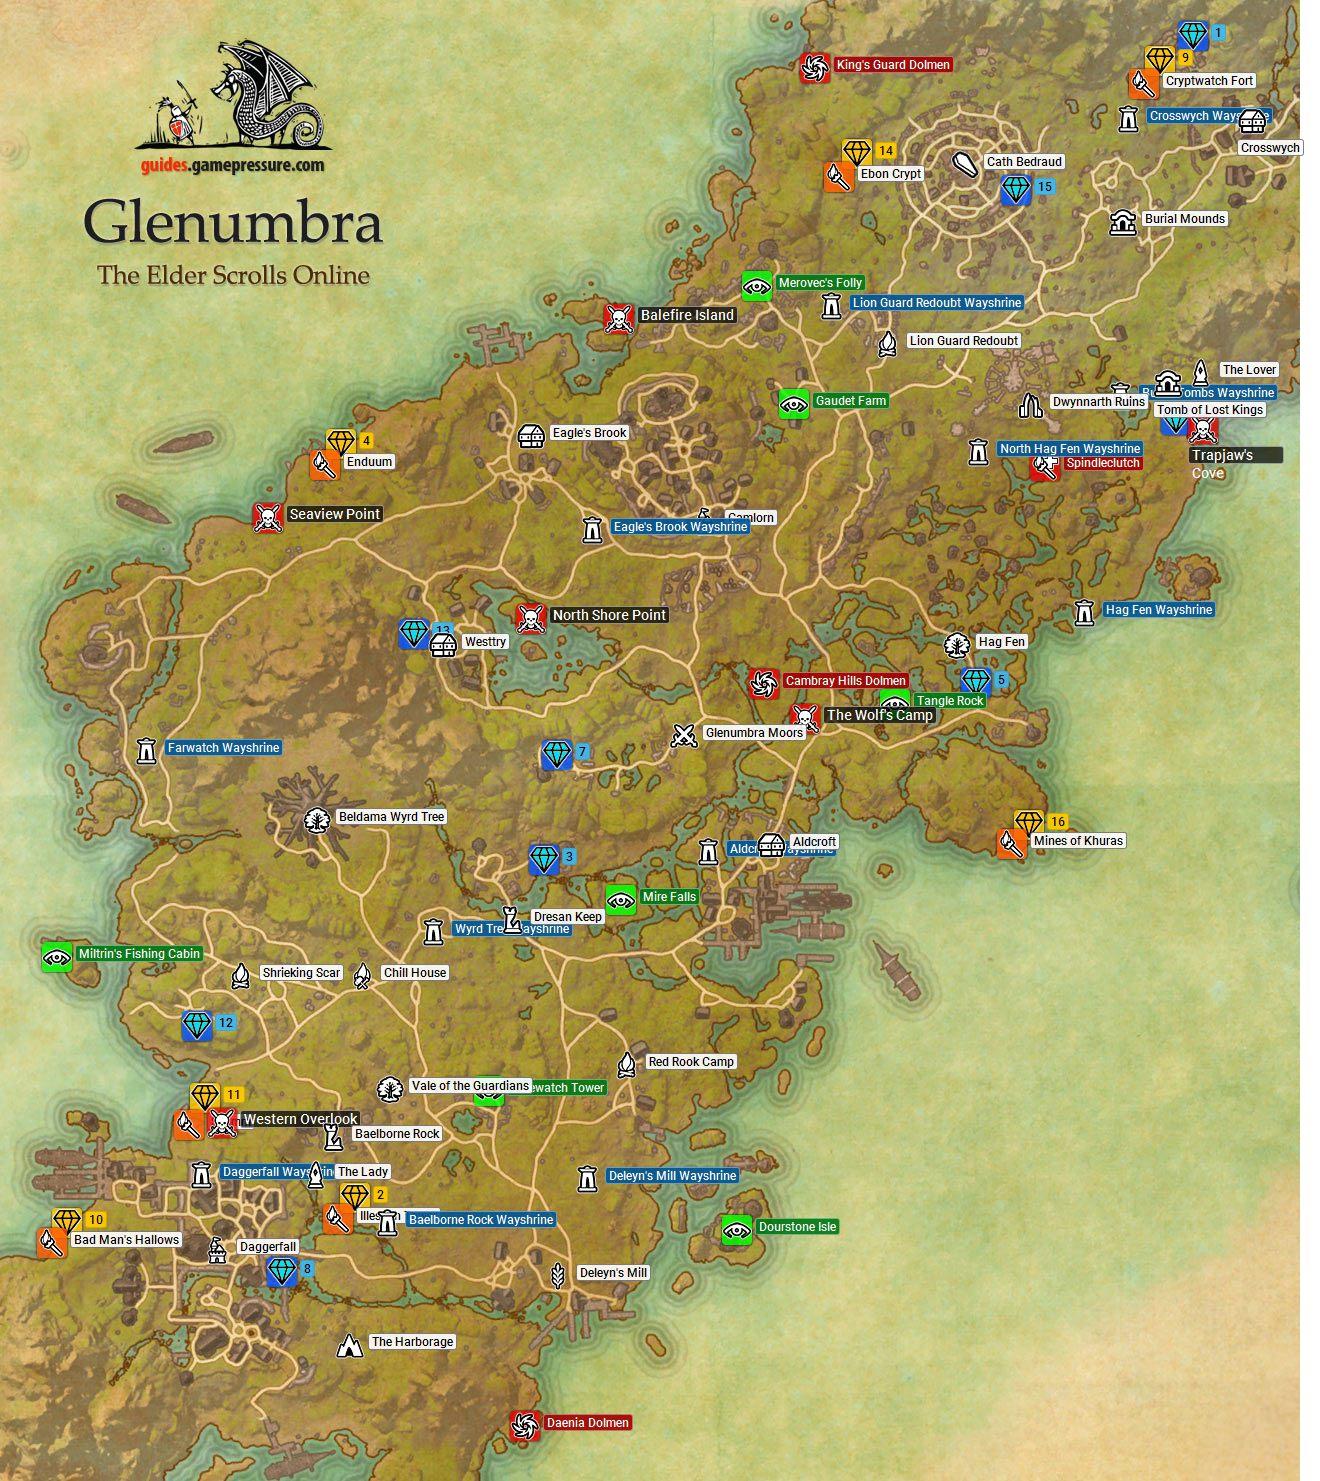 Glenumbra Daggerfall Covenant The Elder Scrolls Online Game Guide gamep